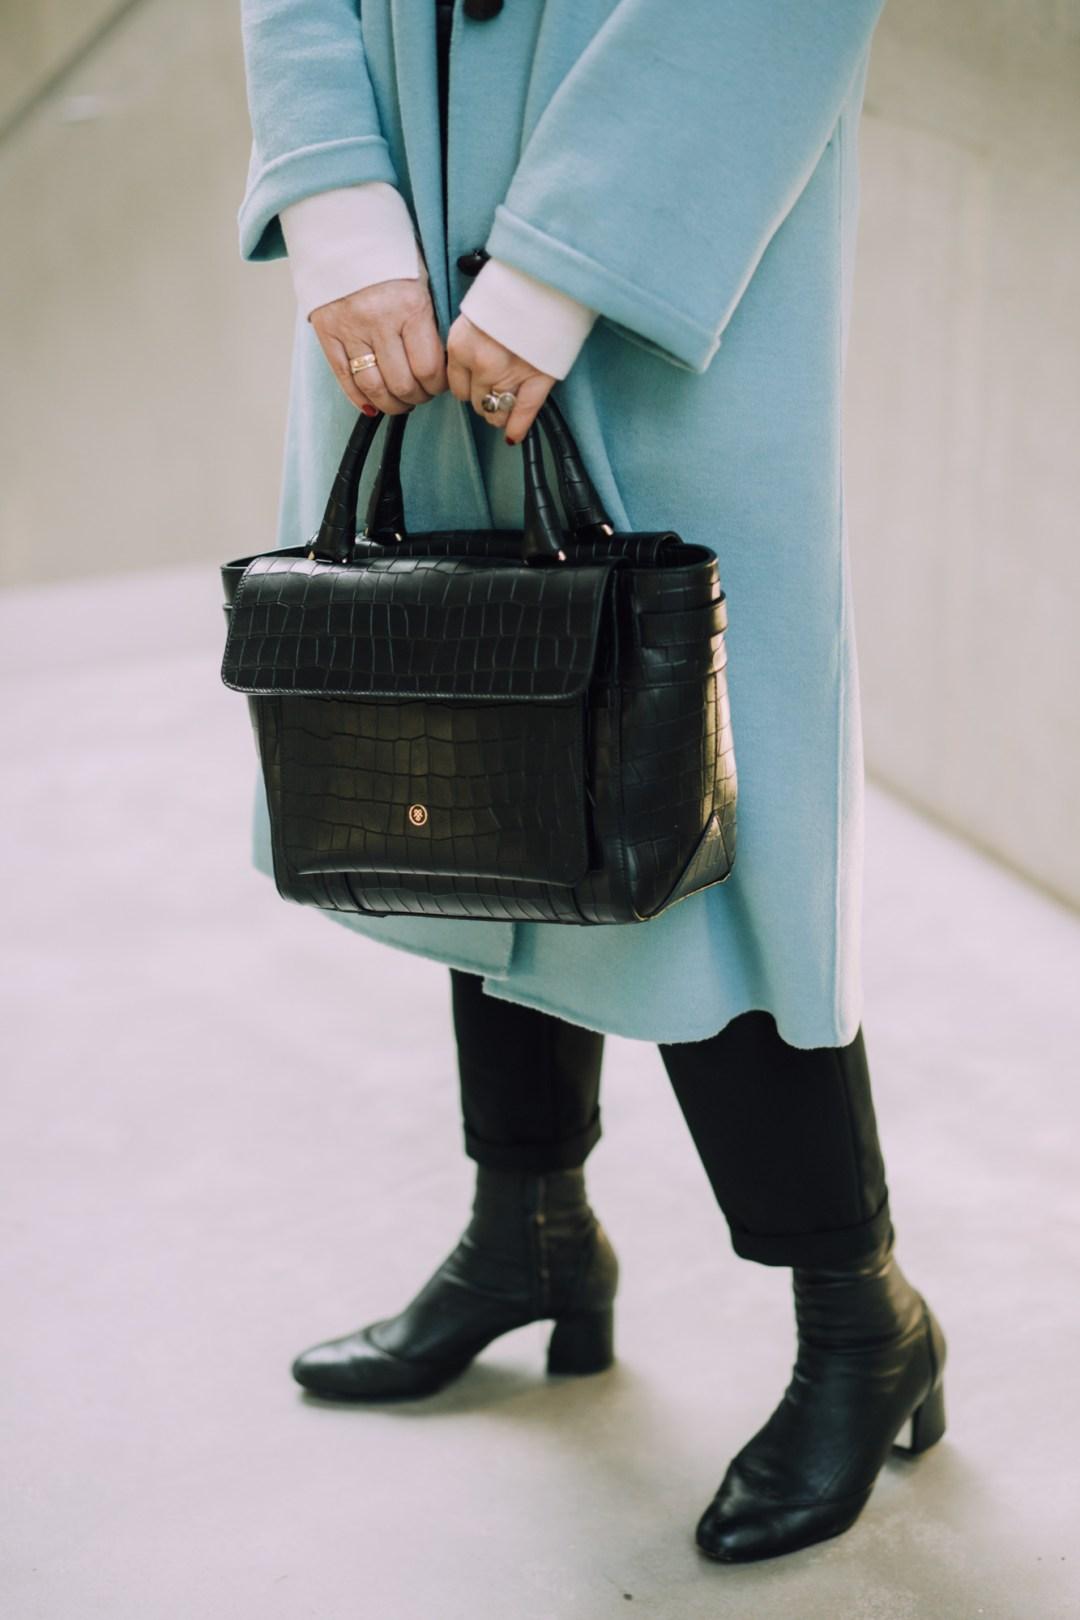 ZKULTUR Inastil, Maxwell Scott, Ü50Blog, Businesstasche, Salzburg, Modeblog, Styleover50, Stilberatung, Wintermode, Citymode, Wollmantel, blau,_-14